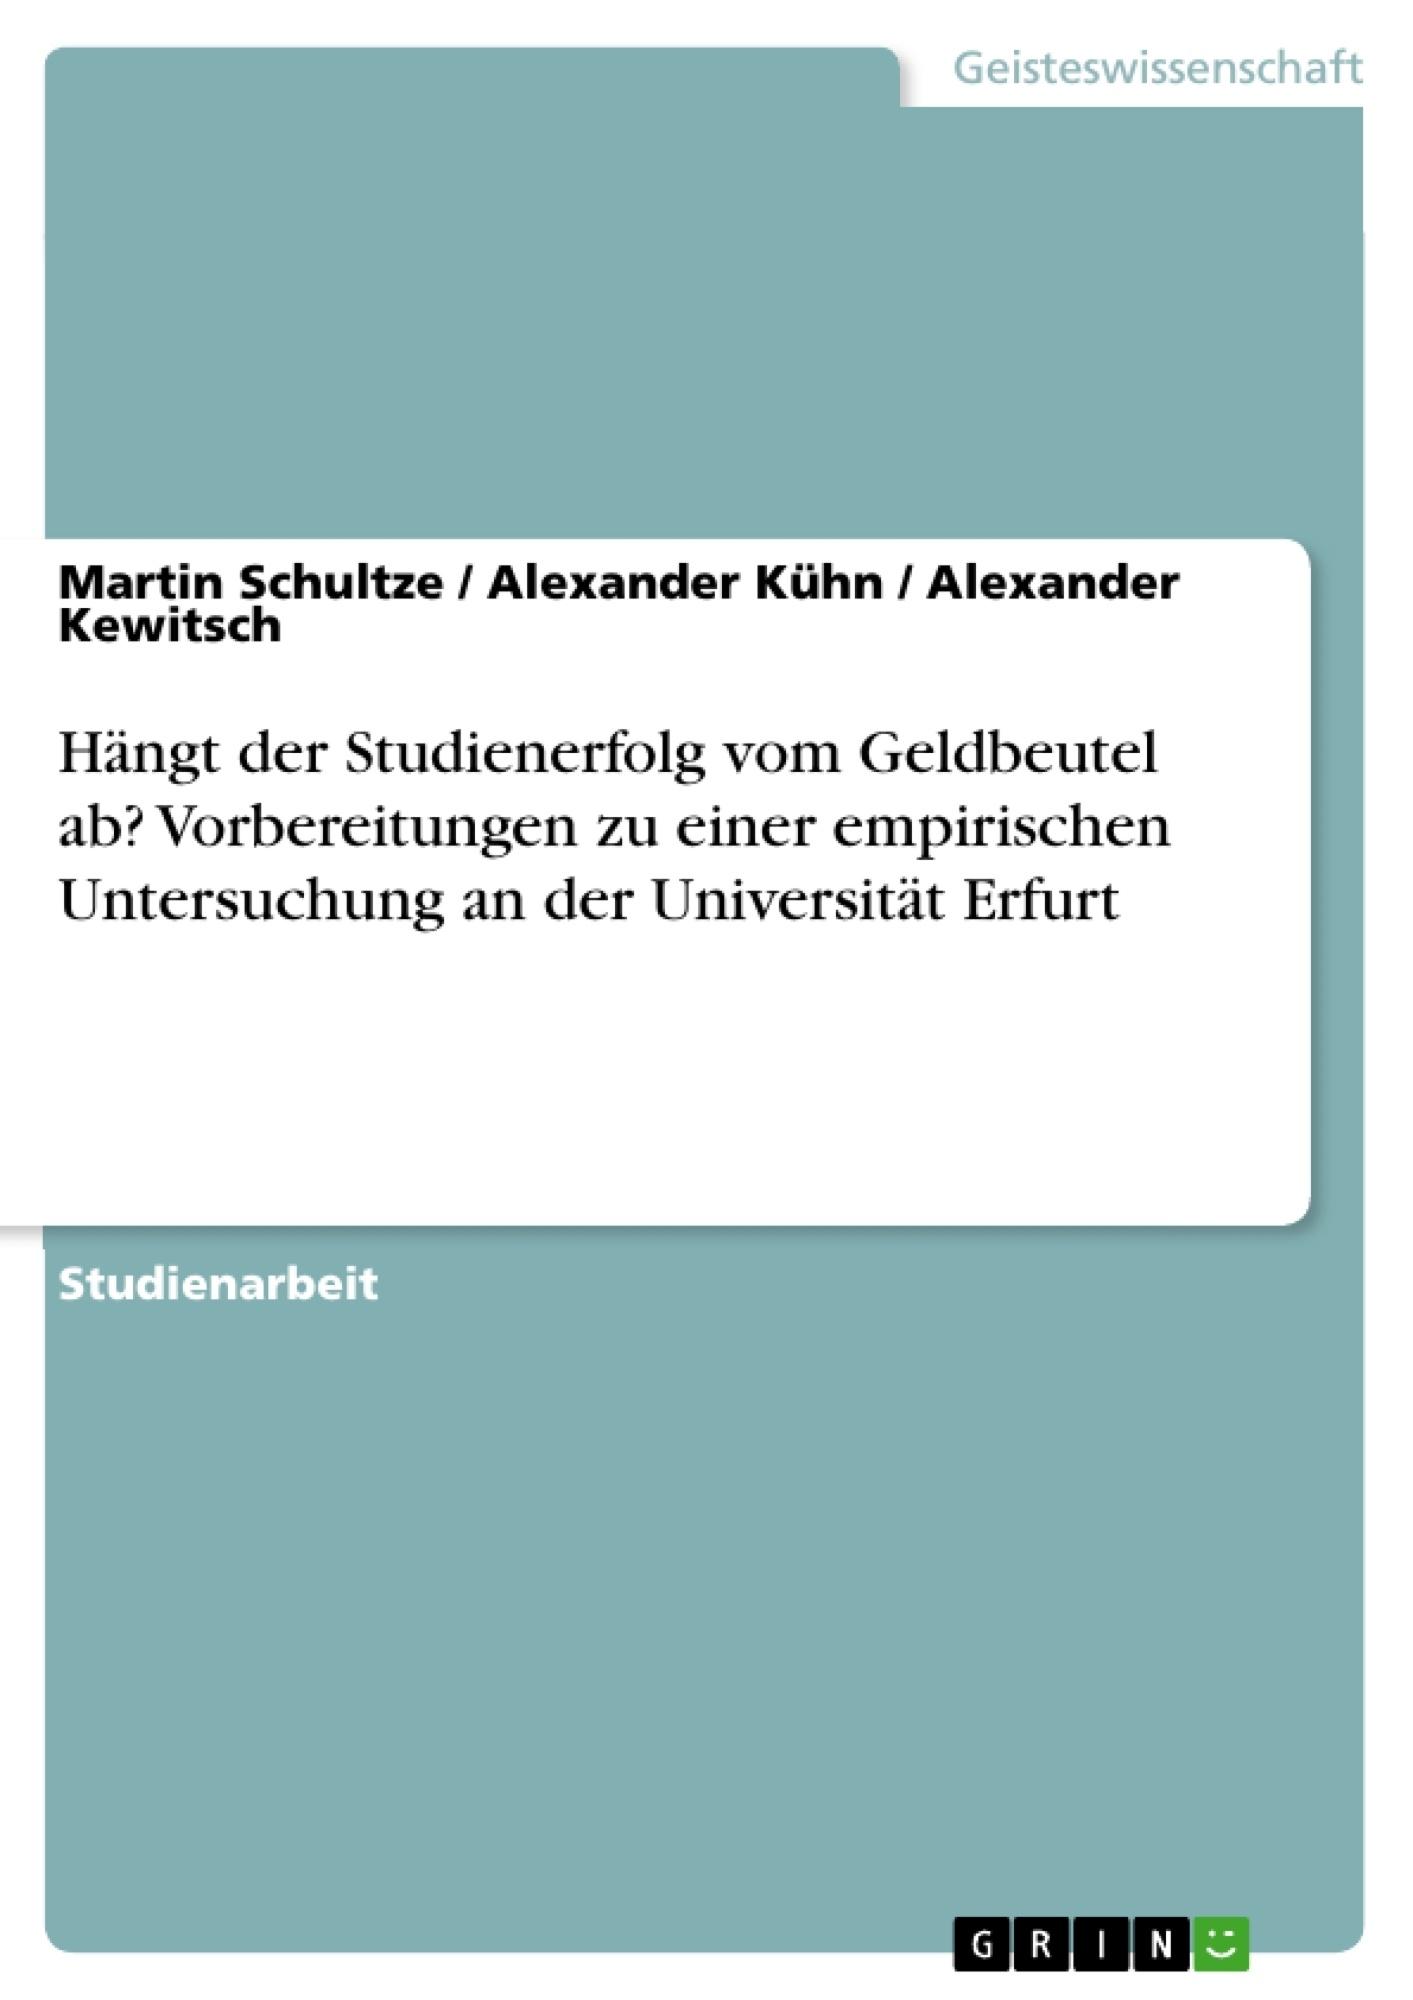 Titel: Hängt der Studienerfolg vom Geldbeutel ab? Vorbereitungen zu einer empirischen Untersuchung an der Universität Erfurt